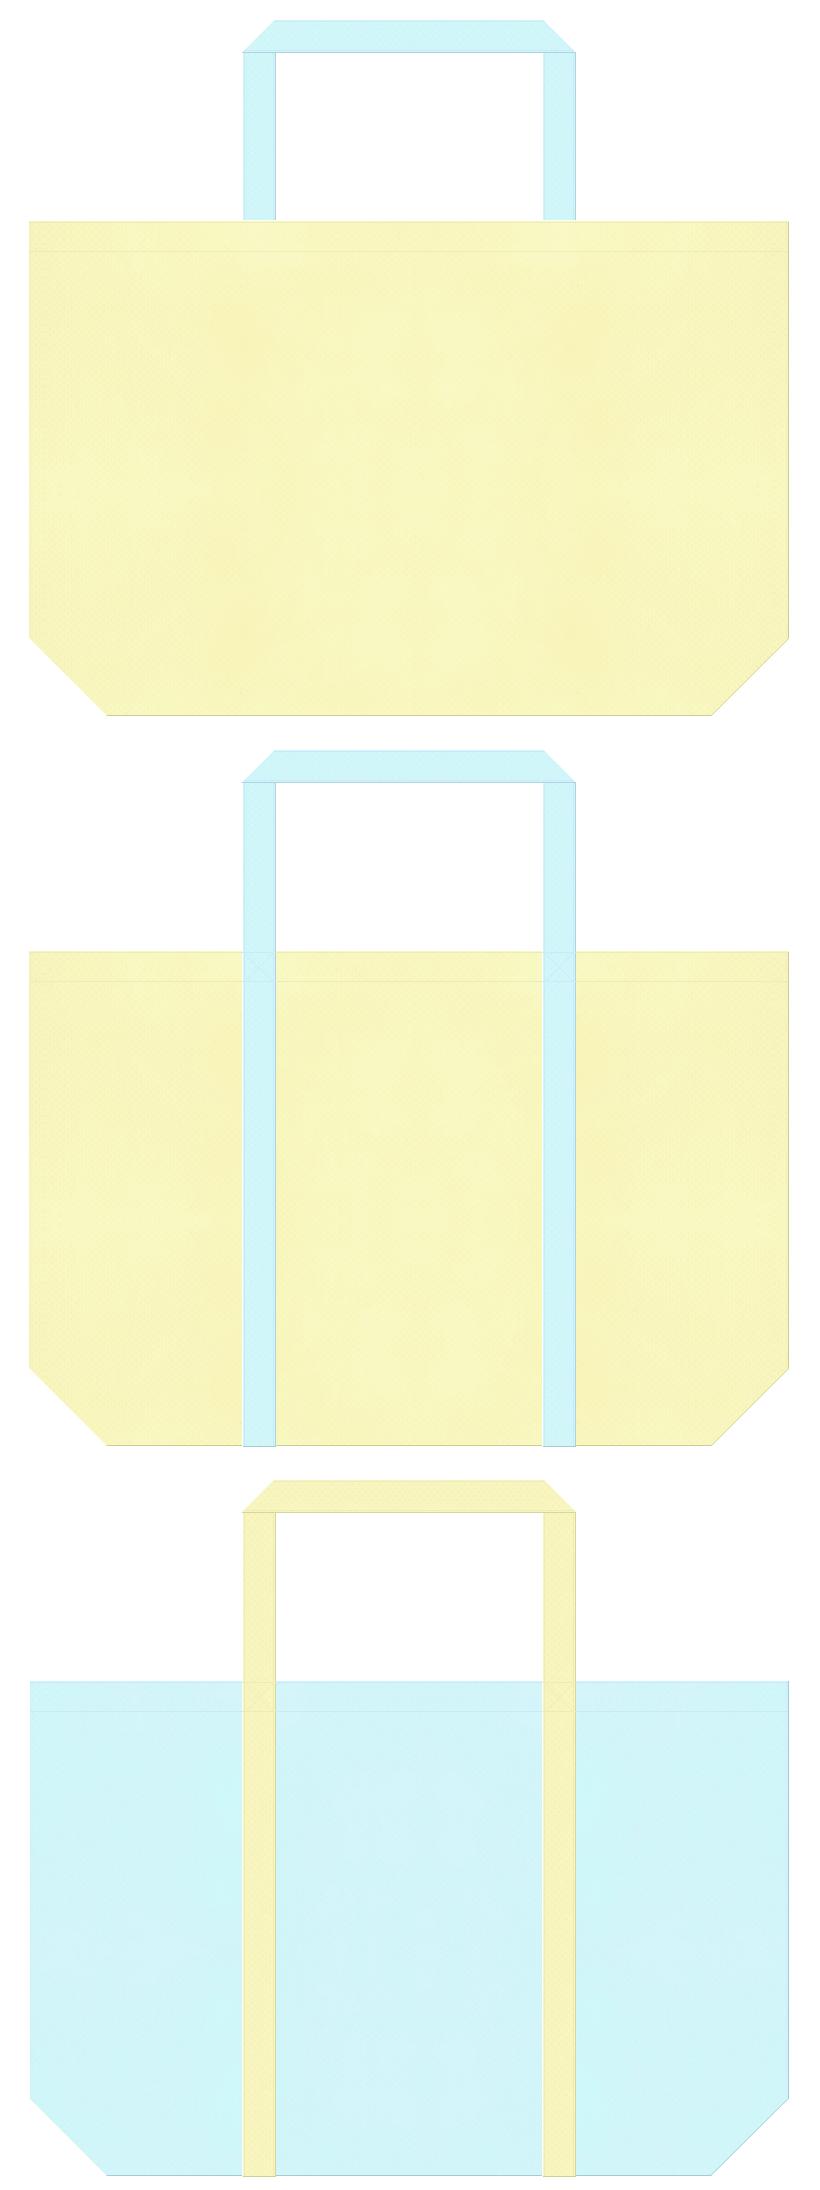 優しさ・ゆるさ・リラックス・絵本・おとぎ話・介護用品・潤い・化粧水・洗剤・石鹸・洗面用品・バス用品・ガーリーデザイン・パステルカラーの不織布マイバッグにお奨めのデザイン:薄黄色と水色のコーデ